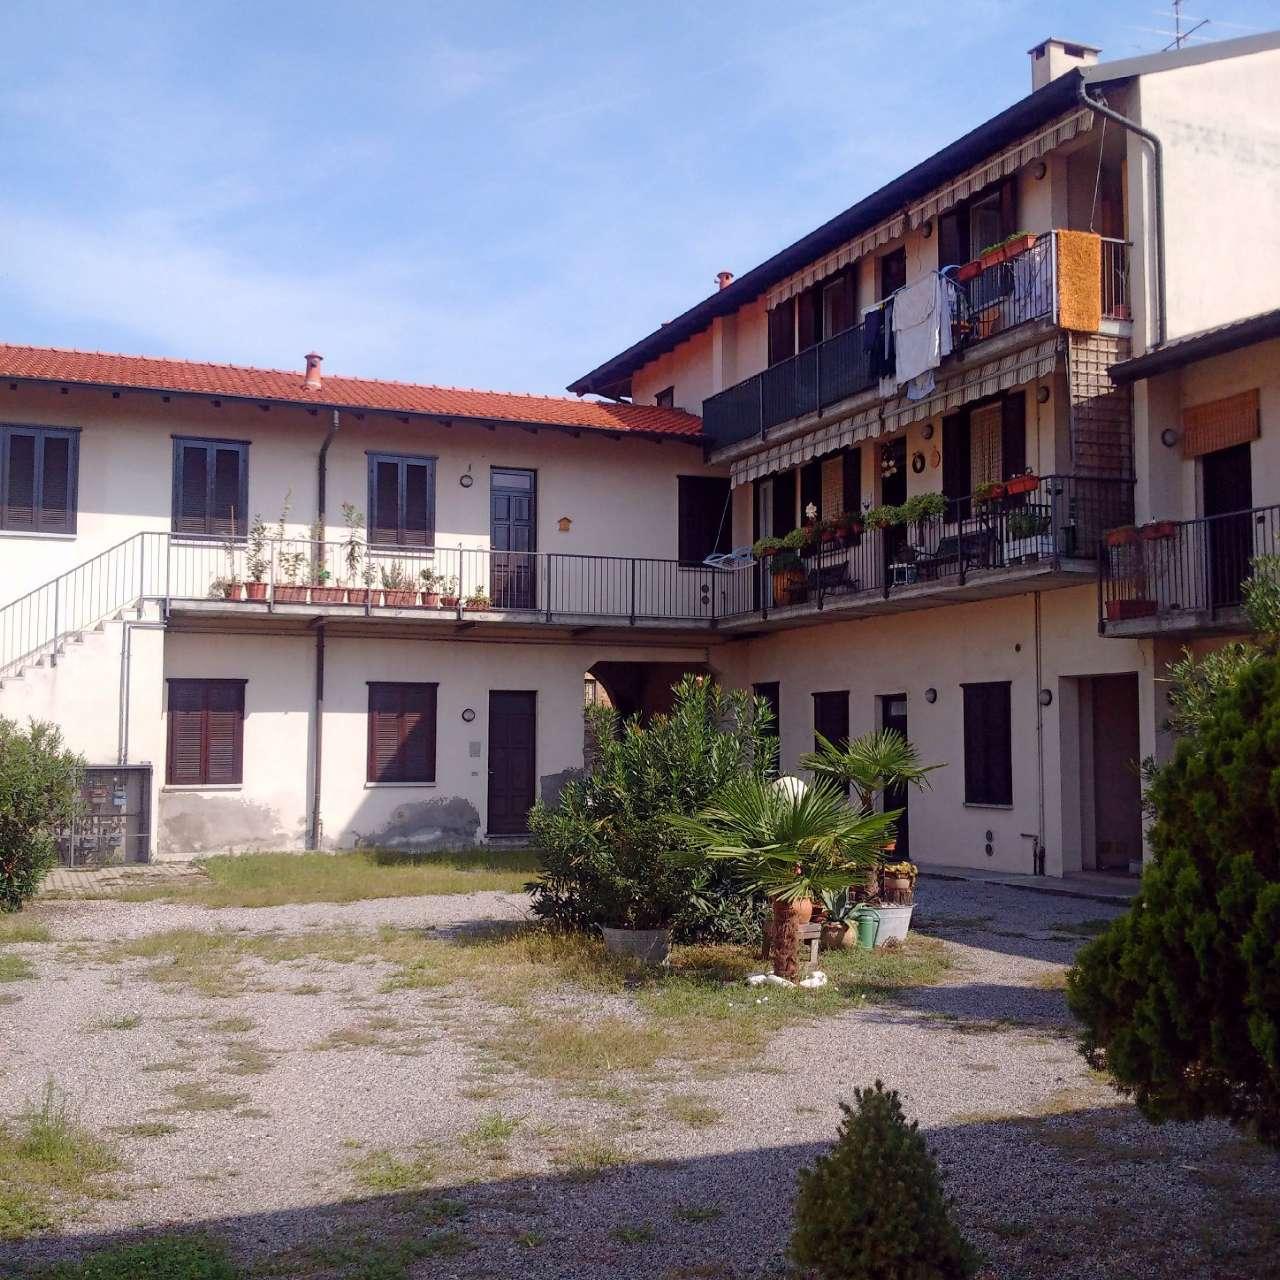 Appartamento in vendita a Gorla Minore, 2 locali, prezzo € 66.000 | CambioCasa.it